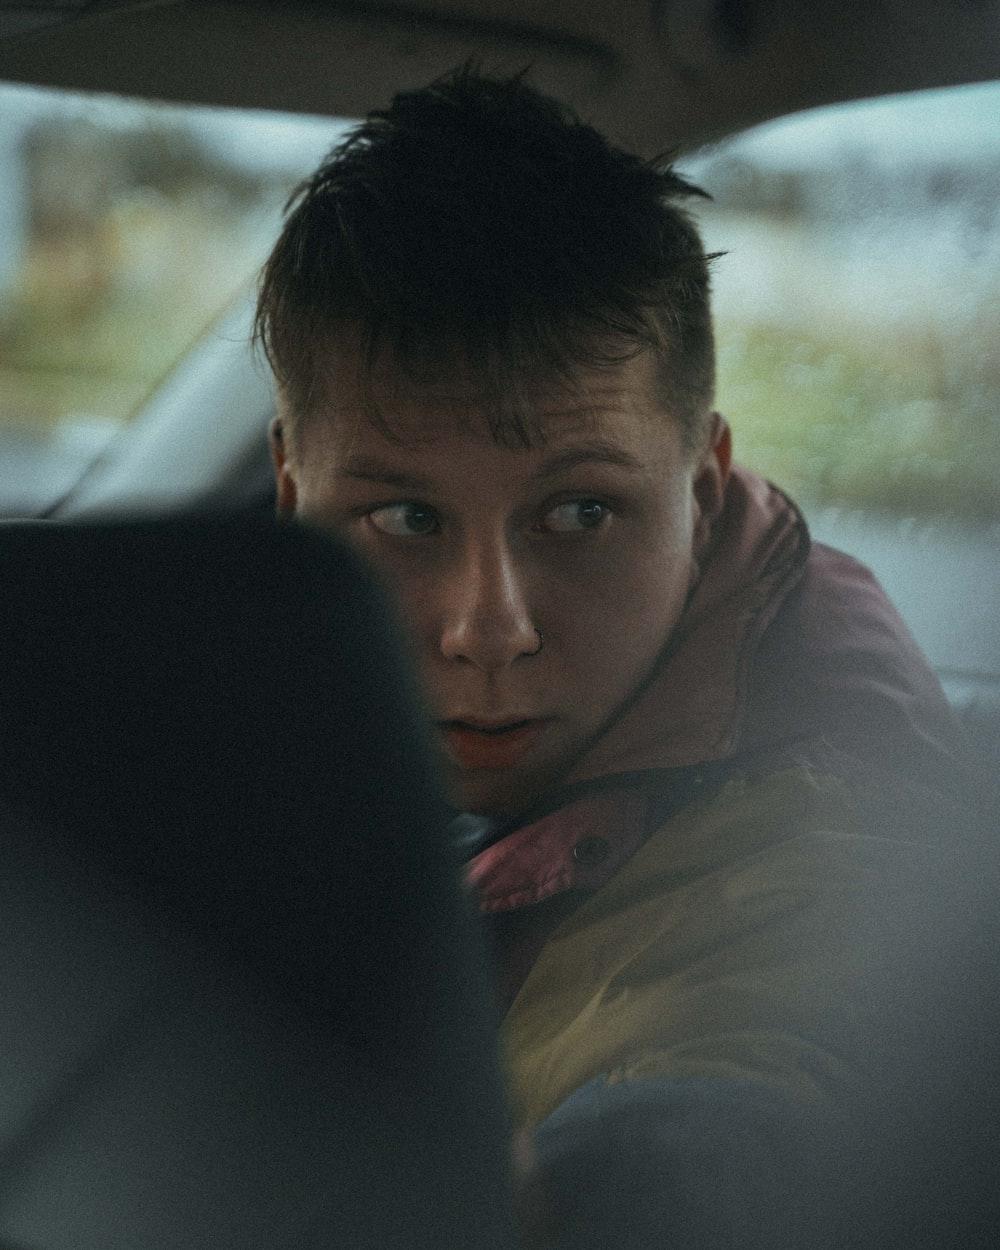 man in brown jacket sitting on car seat